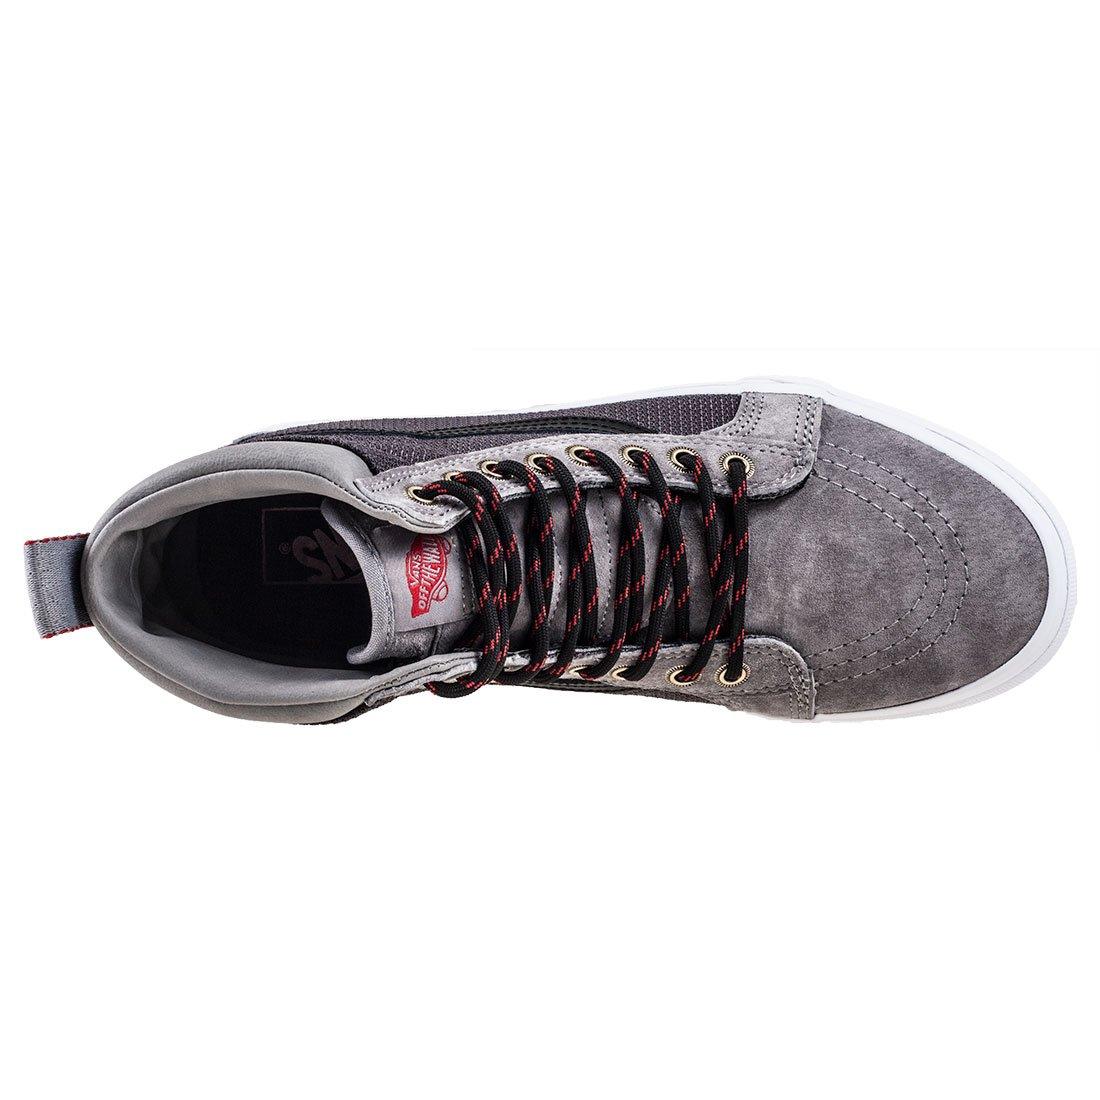 Vans VD5, VD5, VD5, Unisex-Erwachsene Sneakers Grau 495867